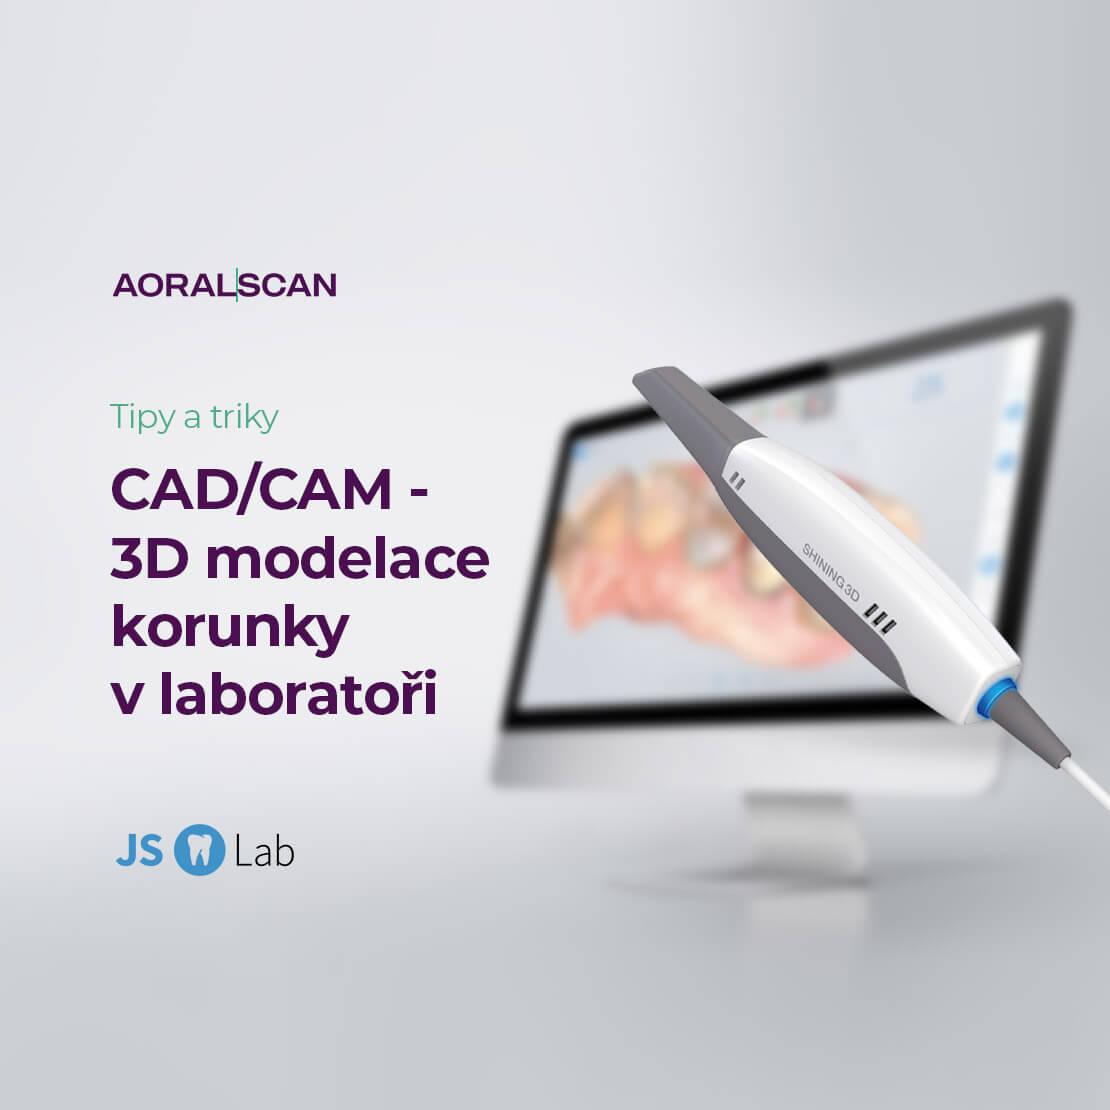 CAD/CAM – 3Dmodelace korunky vlaboratoři